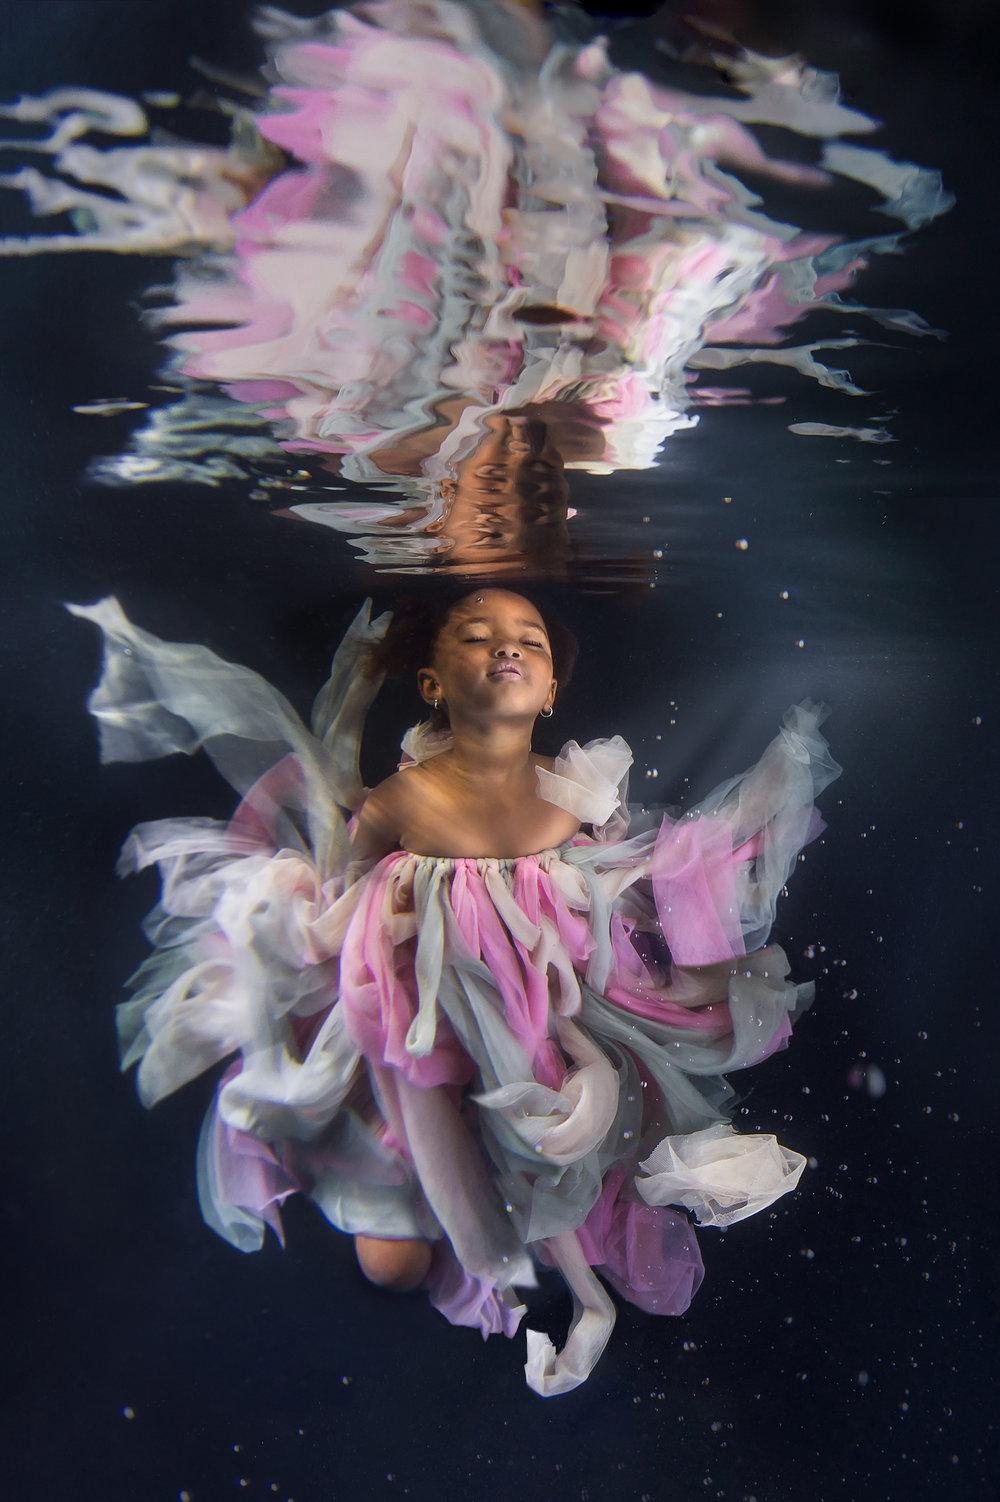 Ilse Moore underwater little dreamer_009.jpg